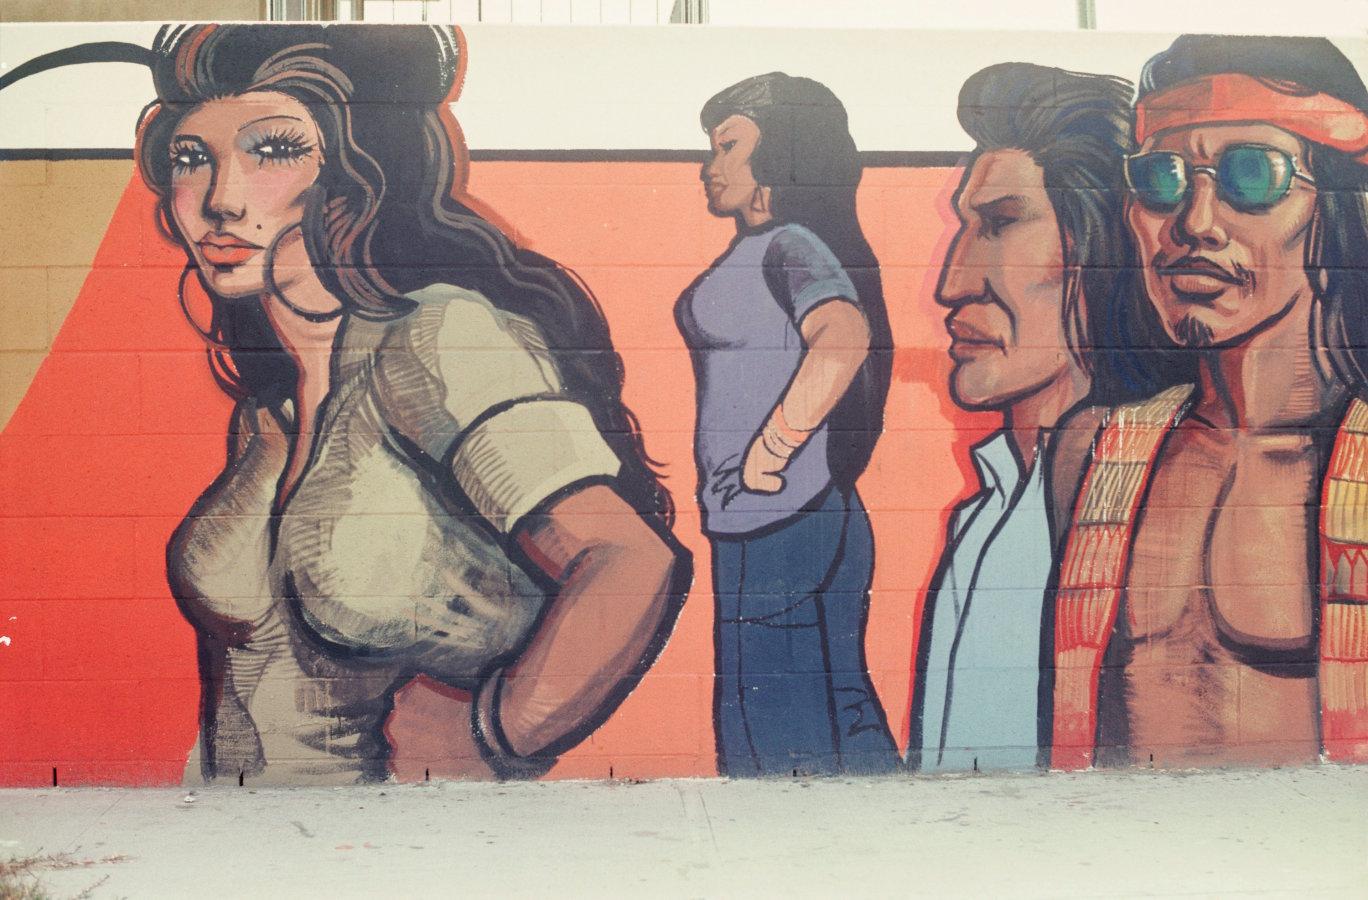 Art by Sergio O'Cadiz Moctezuma. Destroyed in 2001.